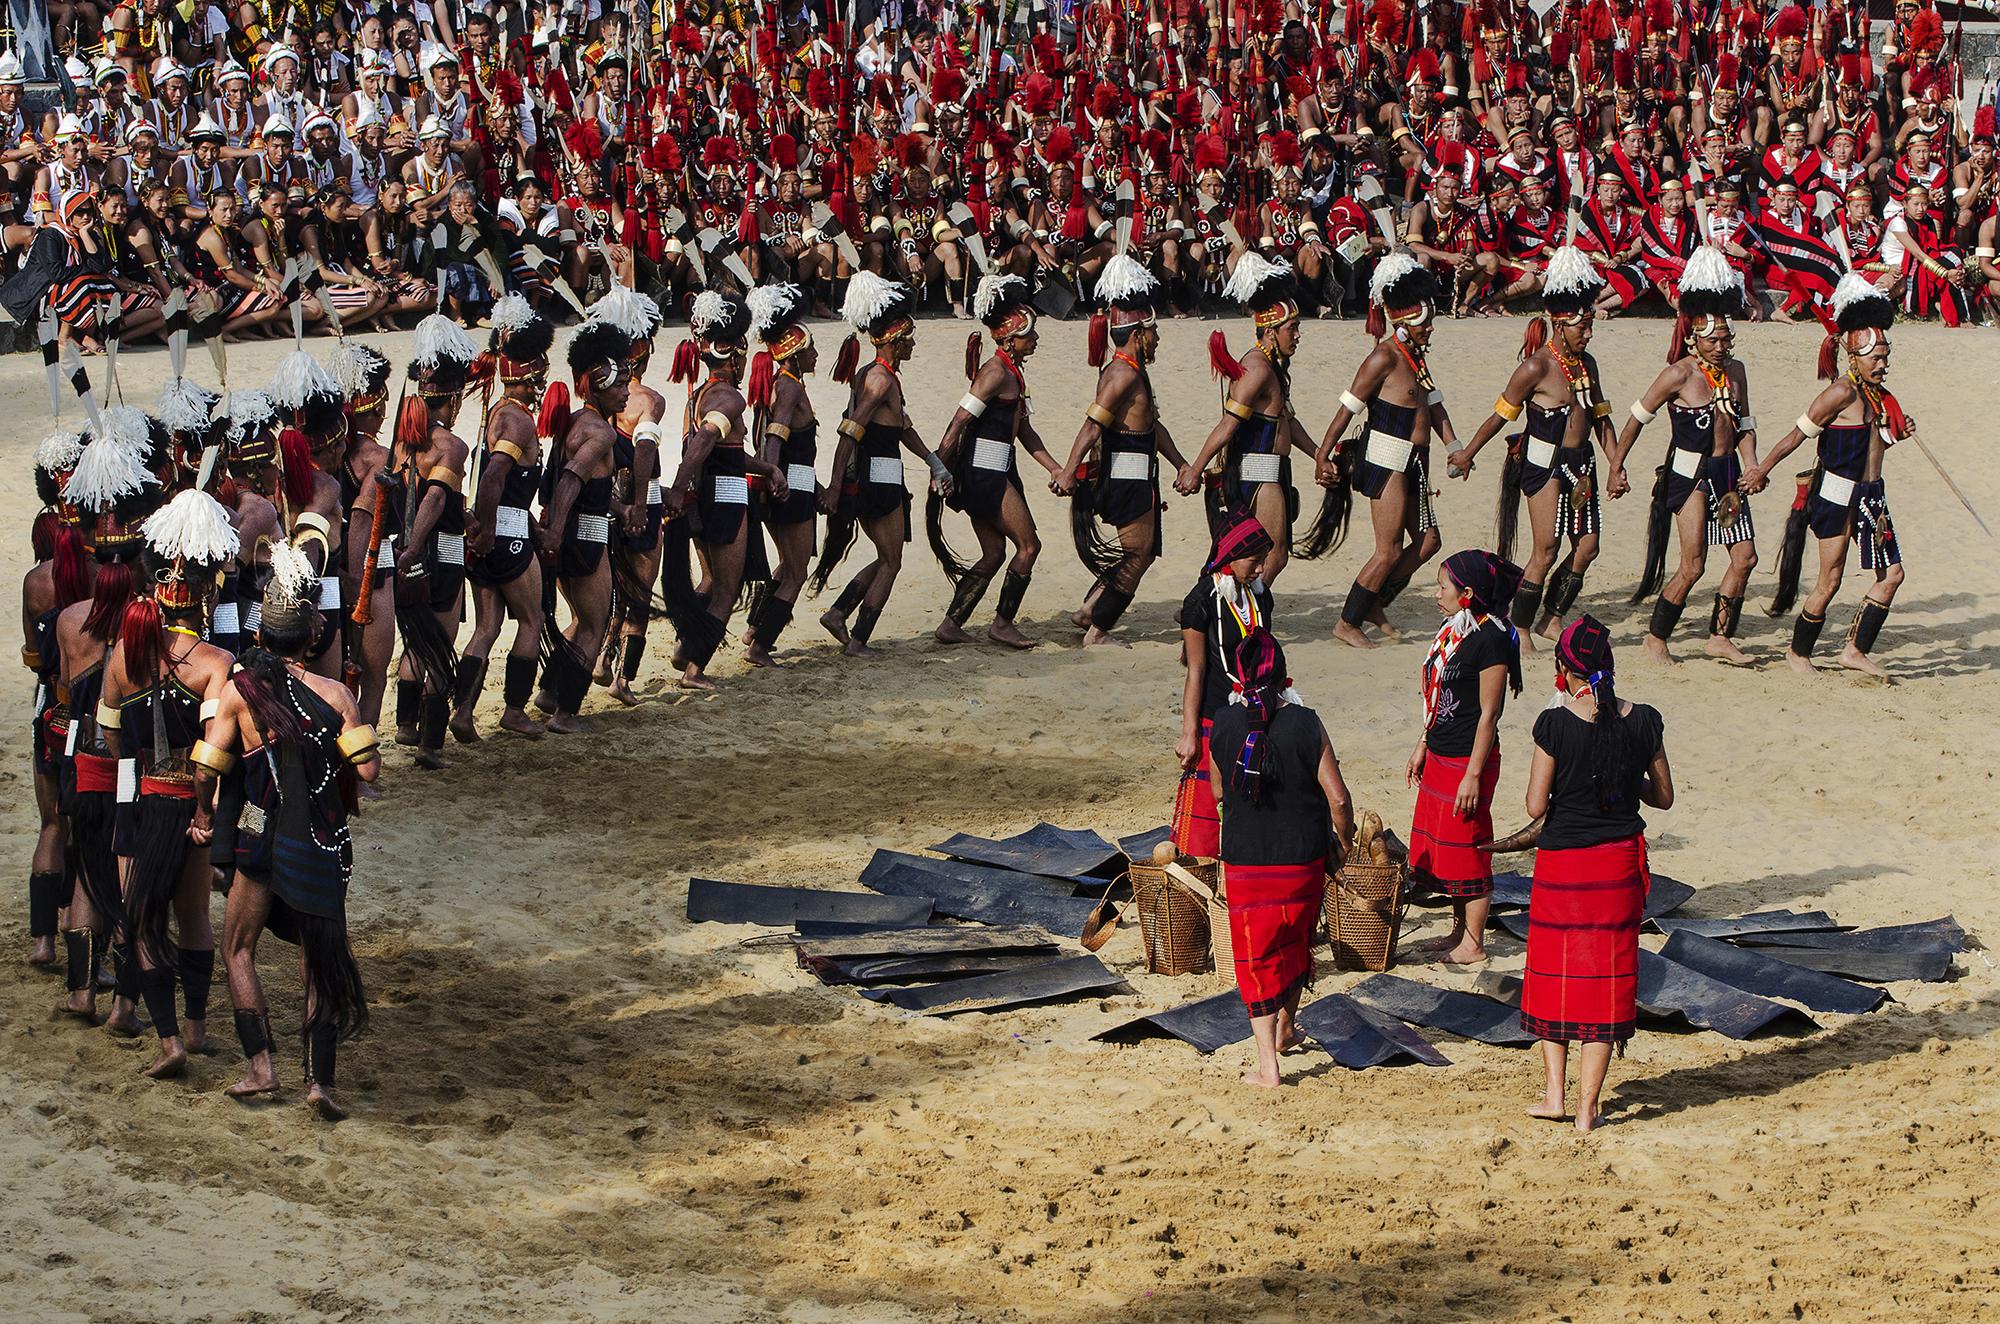 Hornbill Festival in Nagaland, Nagaland travel tips